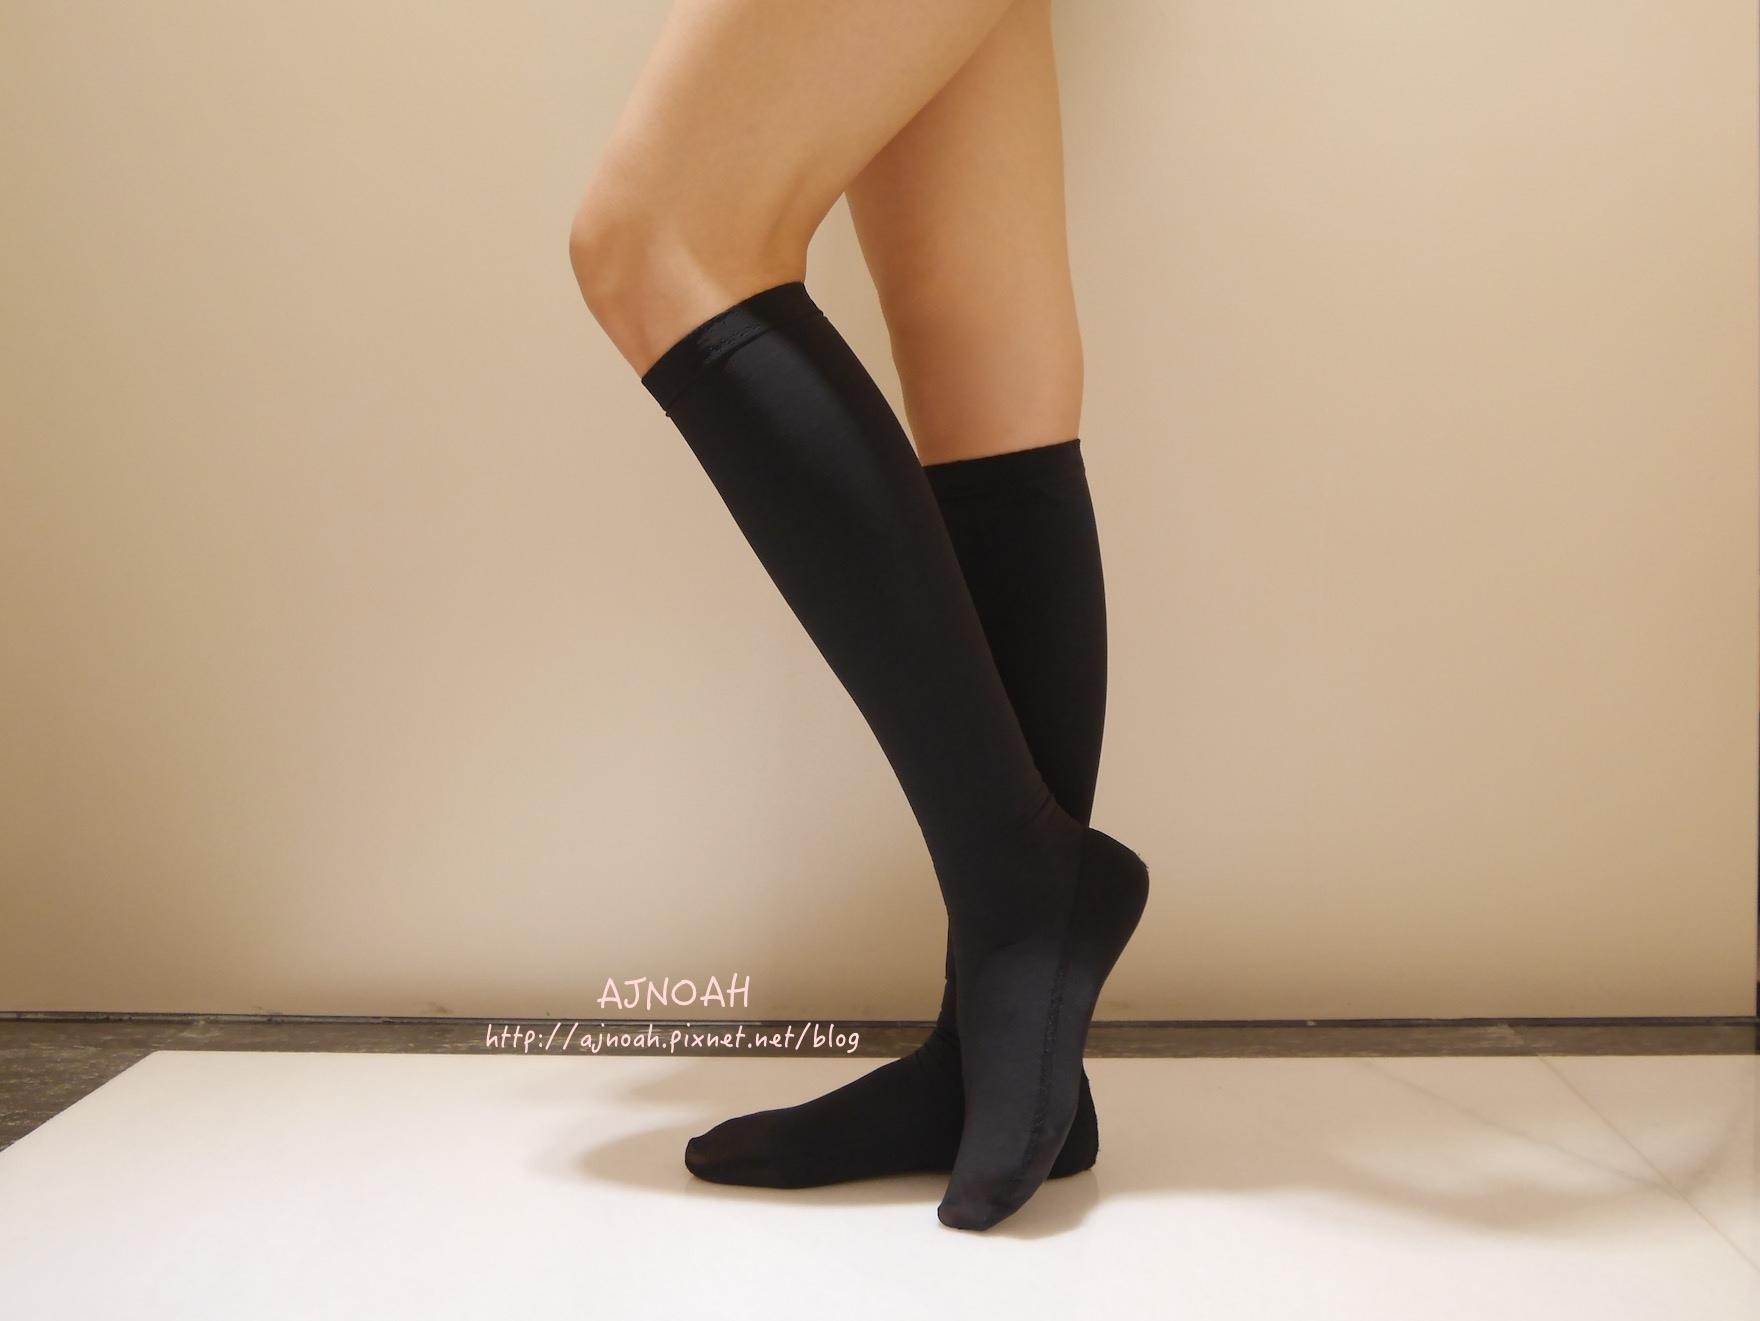 每到傍晚就水腫?挑一雙正確的美腿襪輕鬆解決靜脈曲張